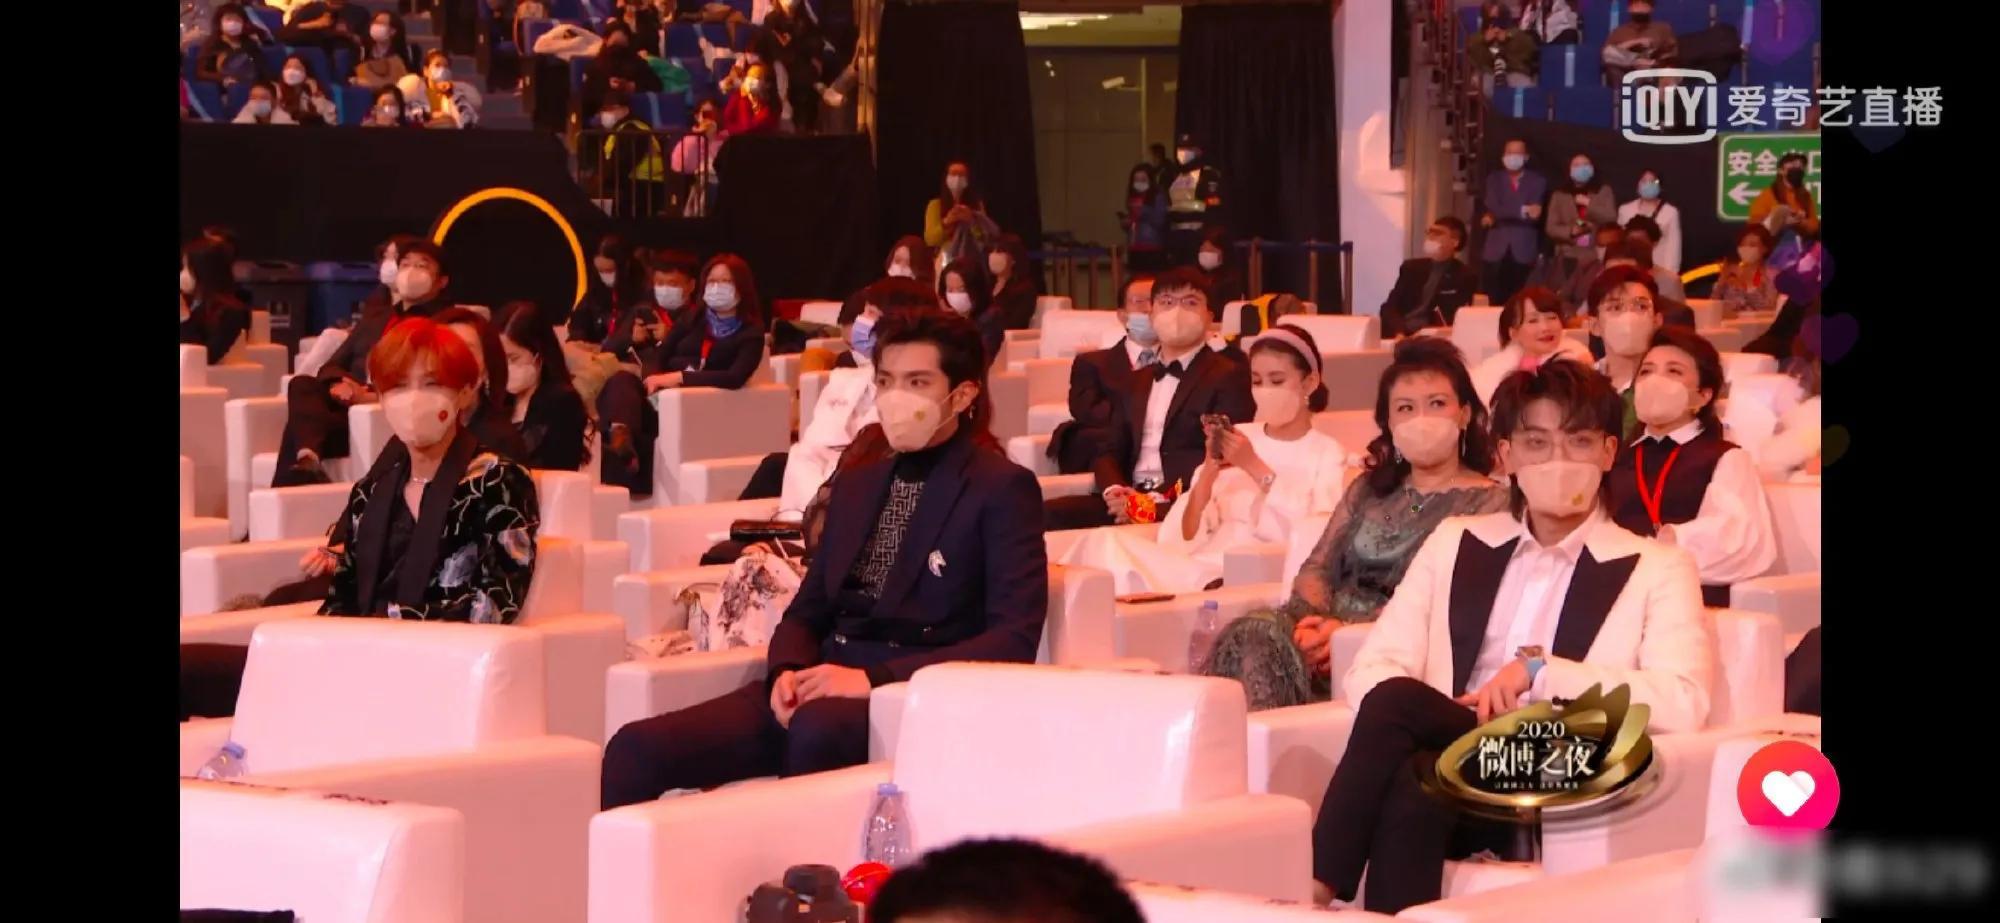 贾玲肖战大拥抱,归国三子坐一起,微博之夜座位排的很有戏